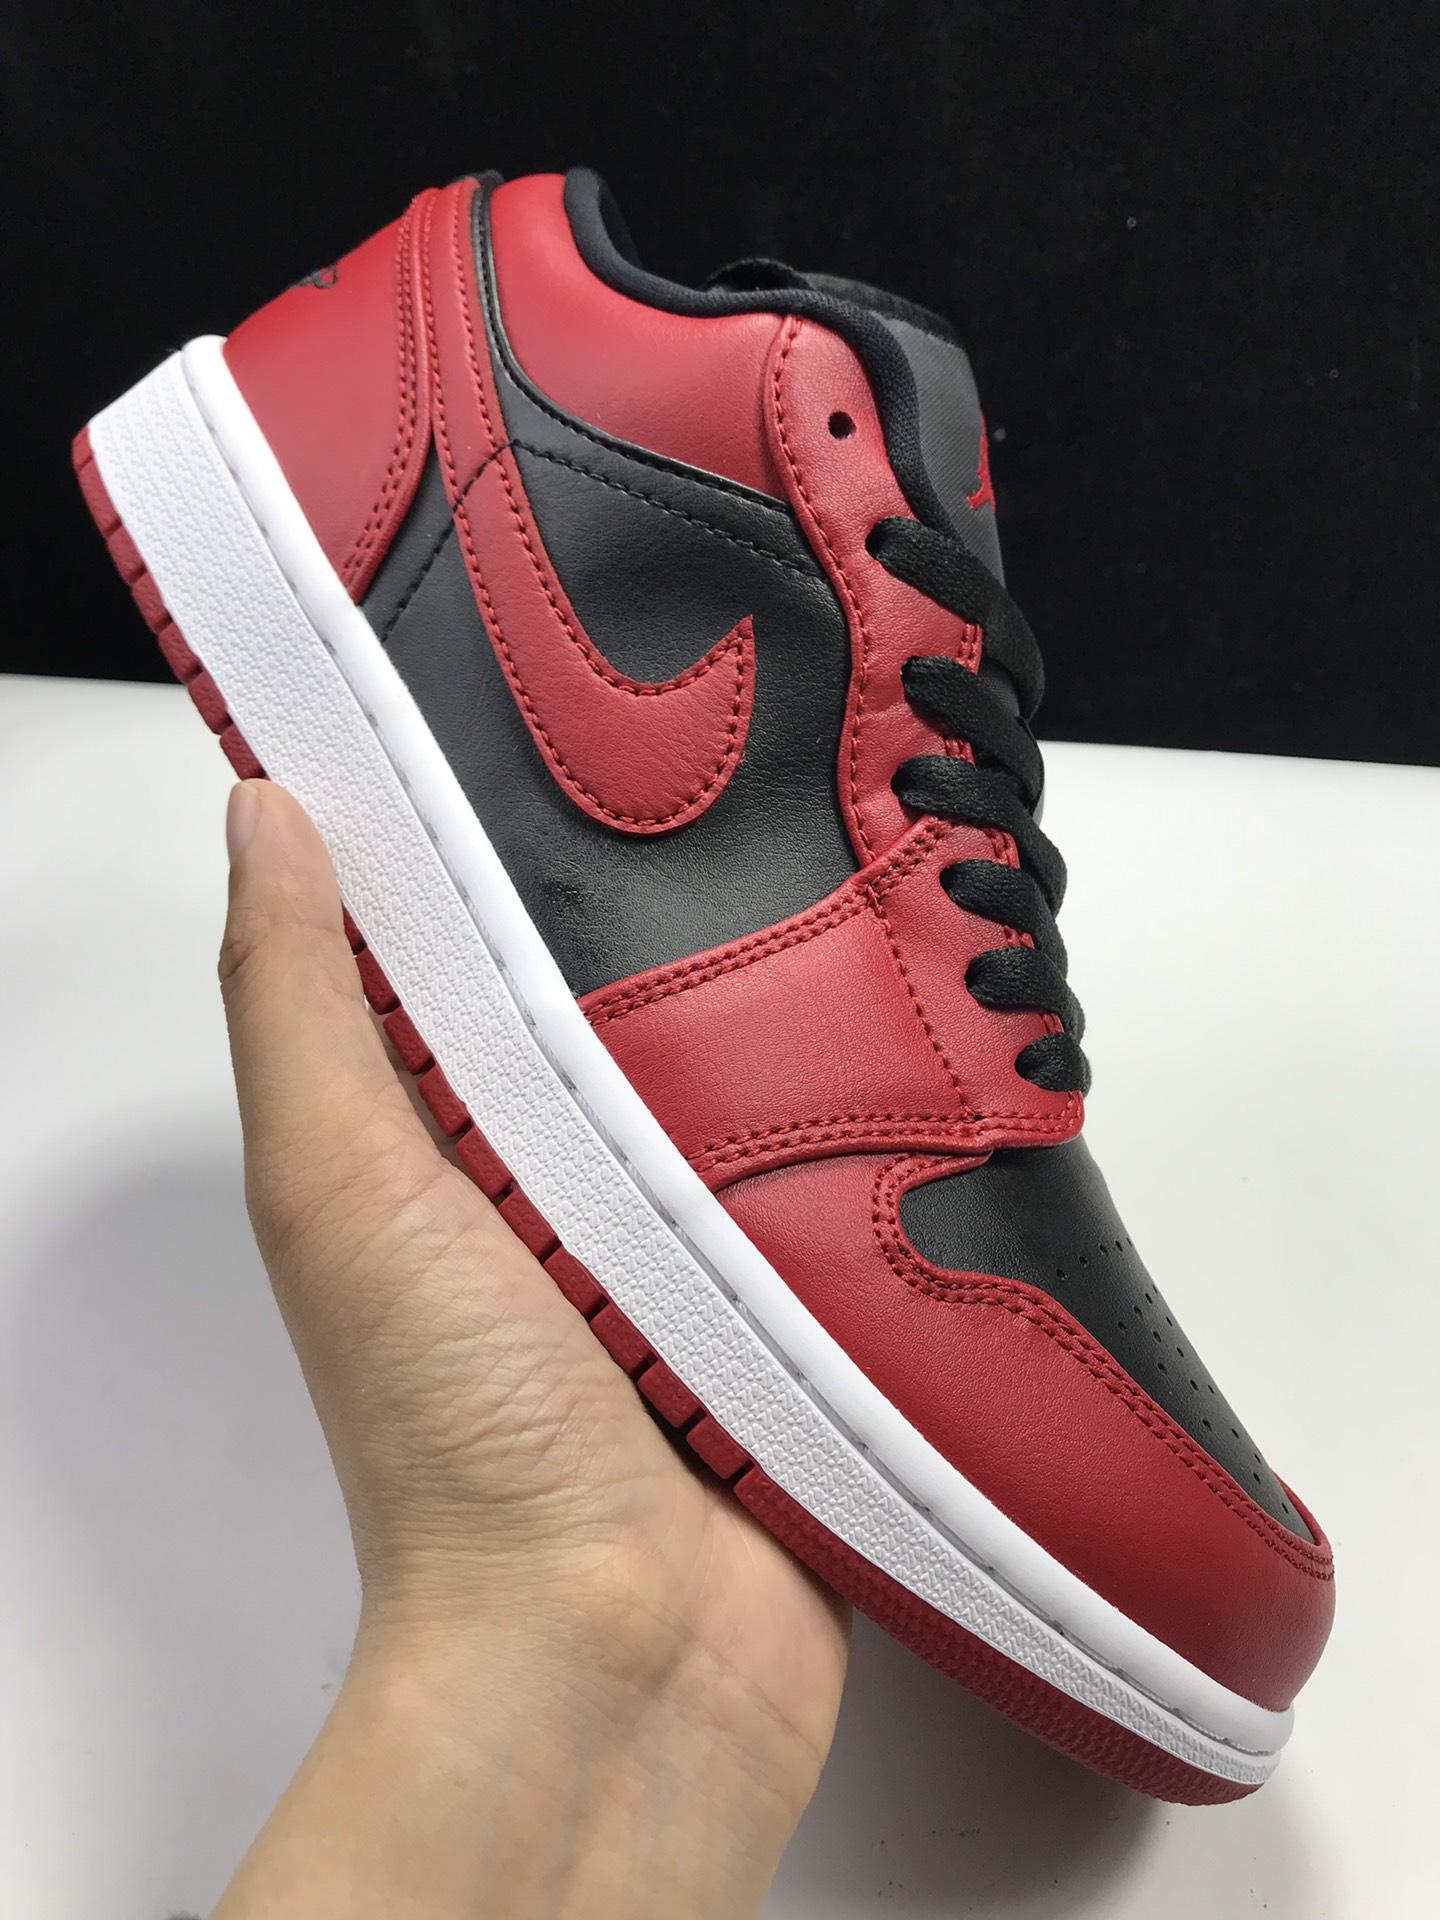 莞H版:AJ1 Low反转禁穿低帮 Air Jordan 1 low OG,货号:553558-606_ljr的版本在哪里买